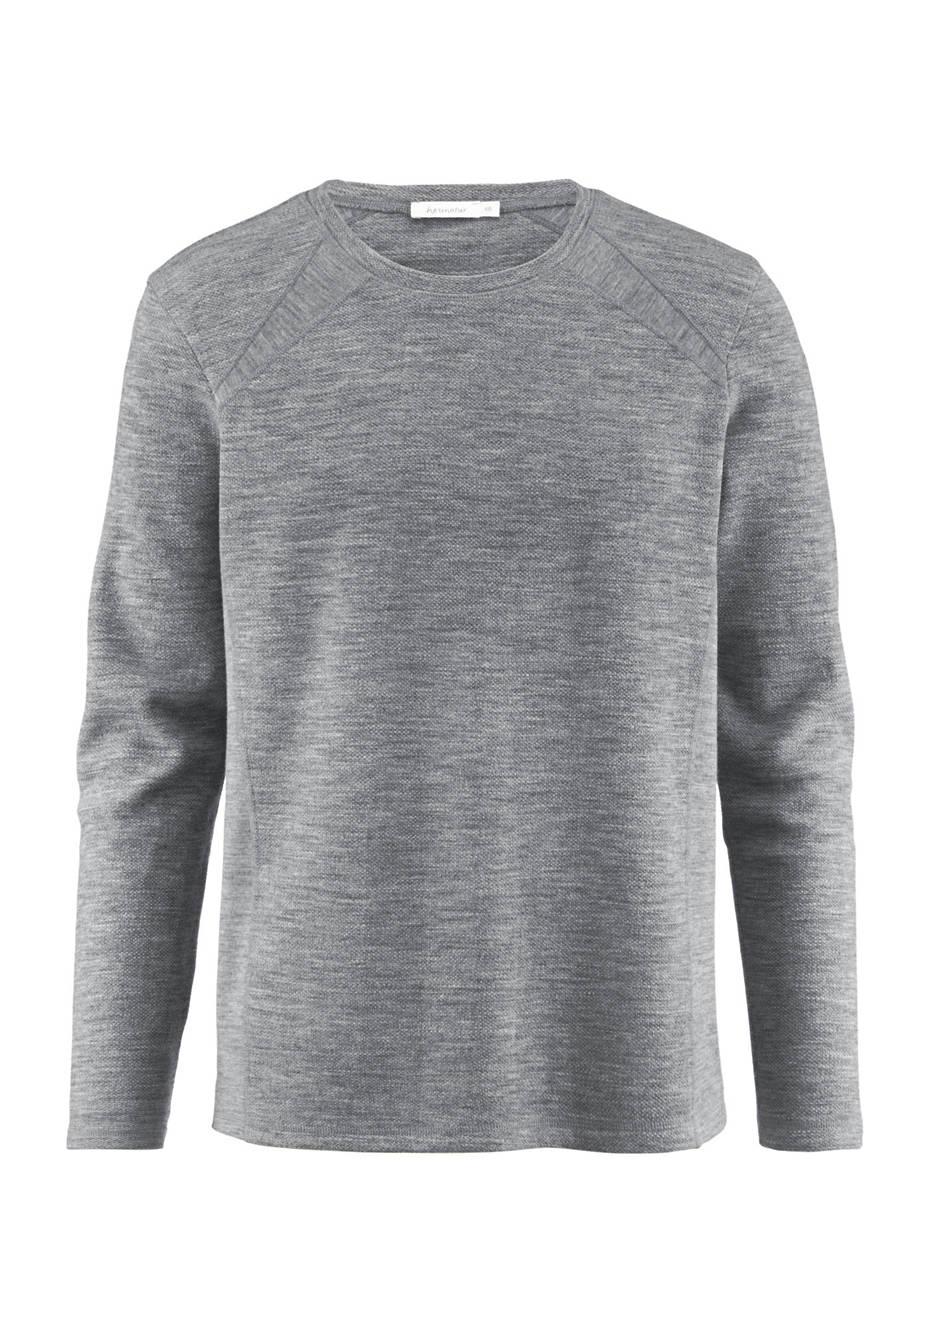 Sweatshirt aus reiner Bio-Merinowolle